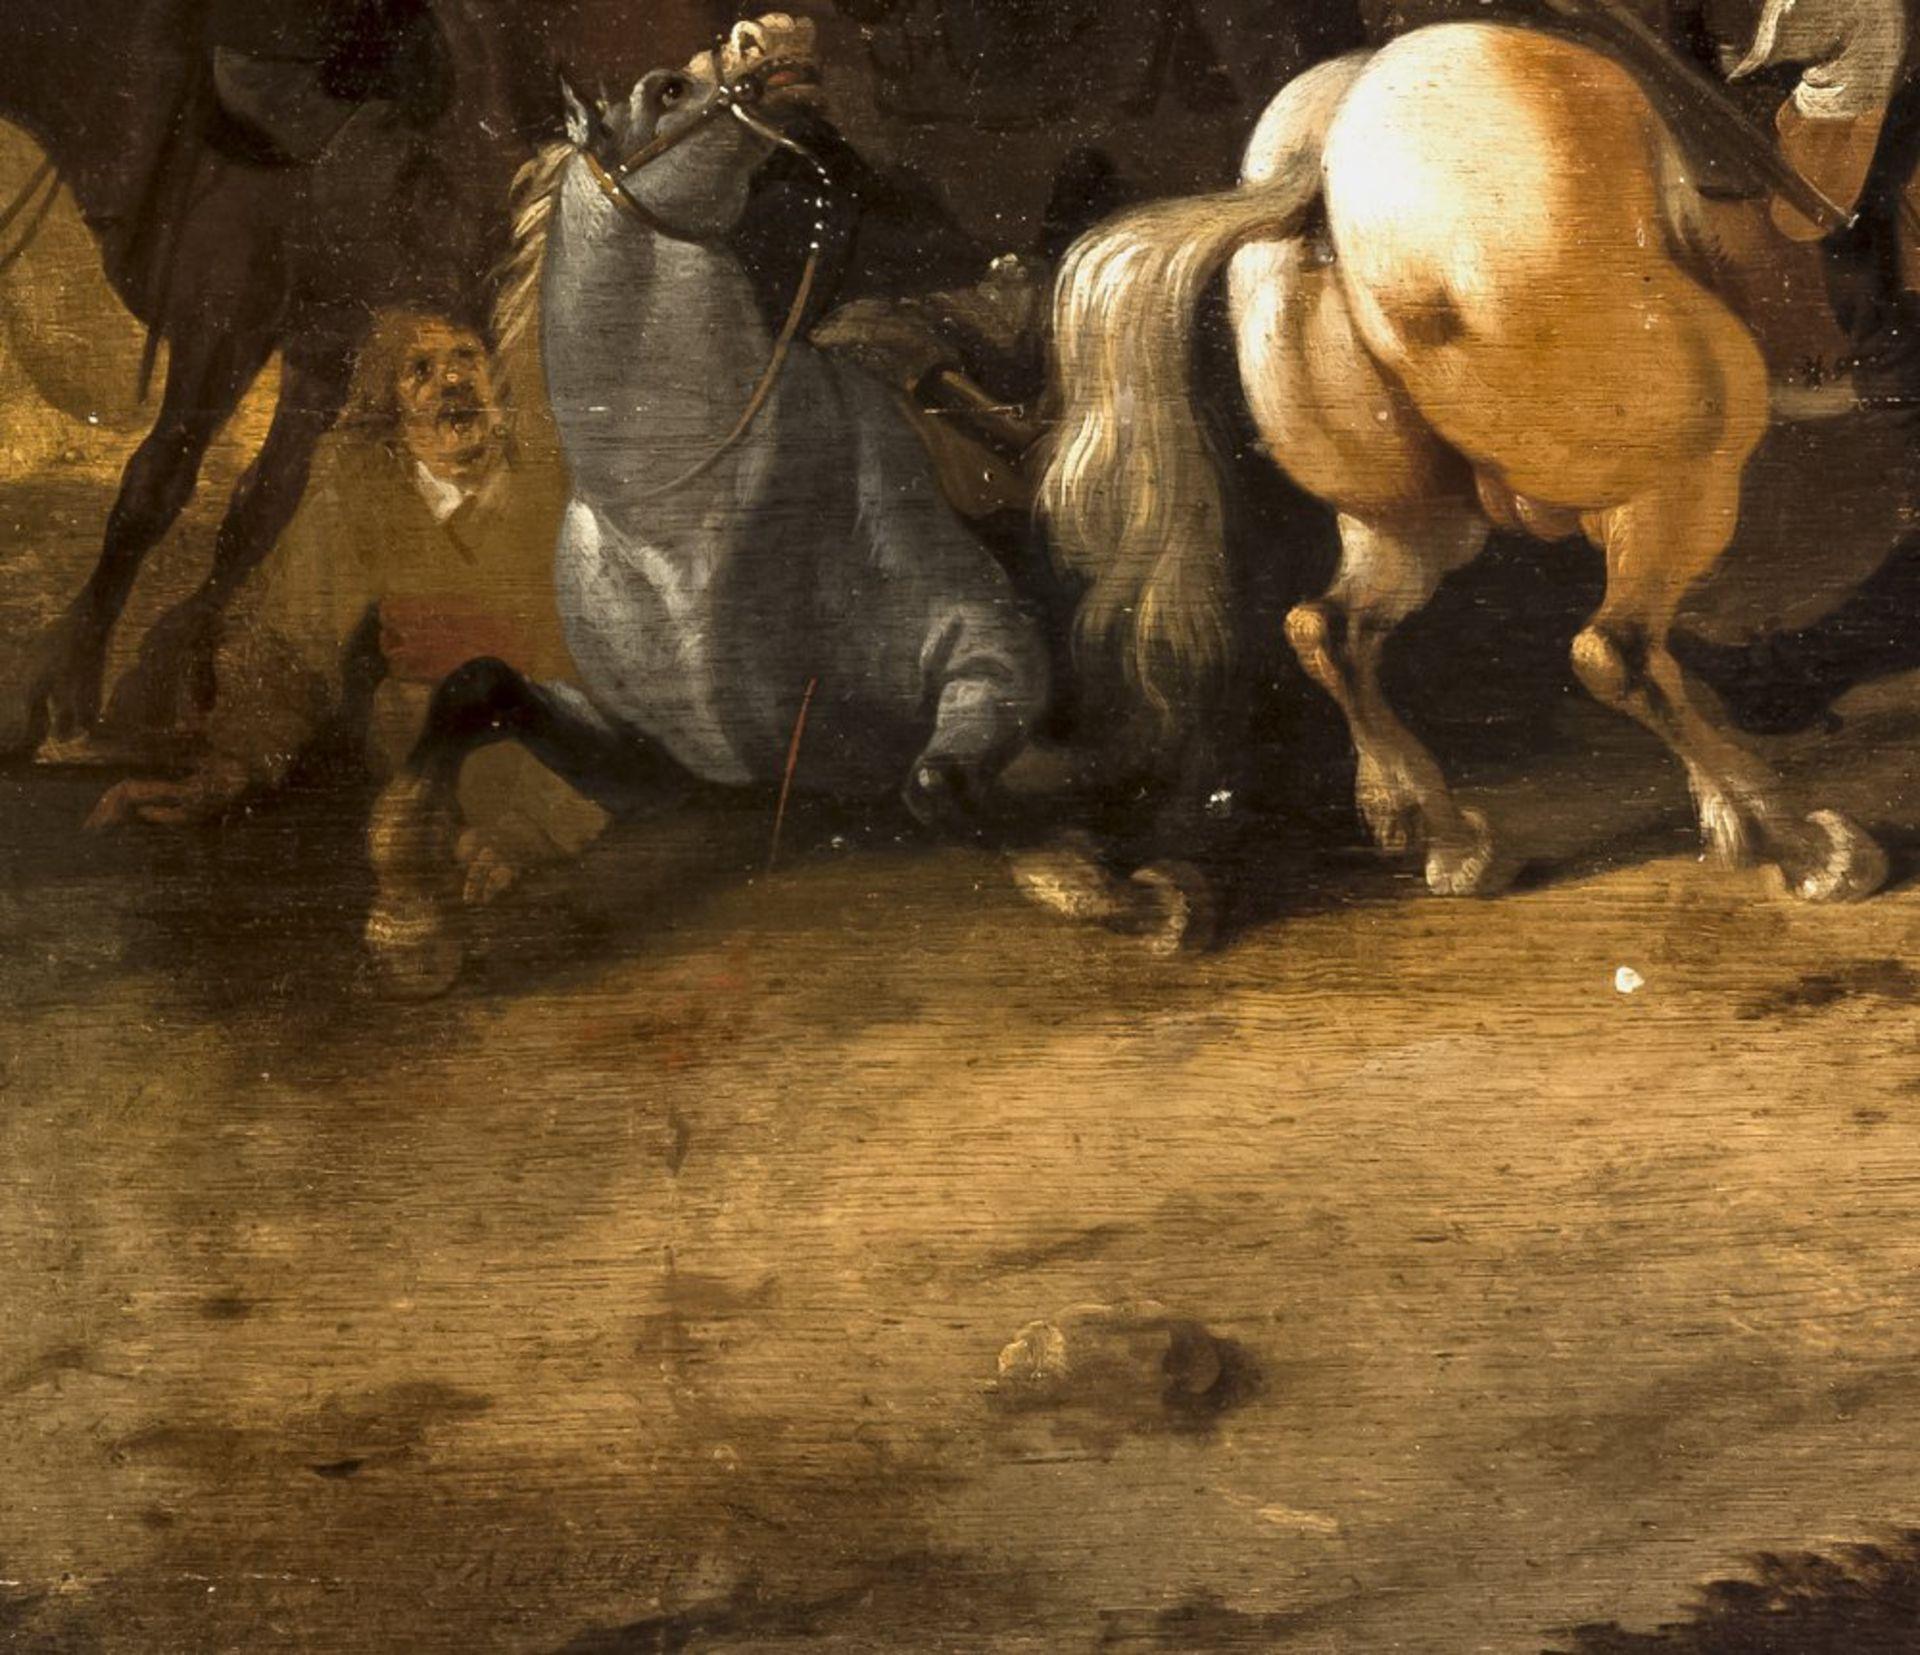 Palamedesz, PalamedesReitergefecht. Öl/Holz. 73 x 107 cm. Sign.Palamedesz, PalamedesEquestrian - Bild 3 aus 3